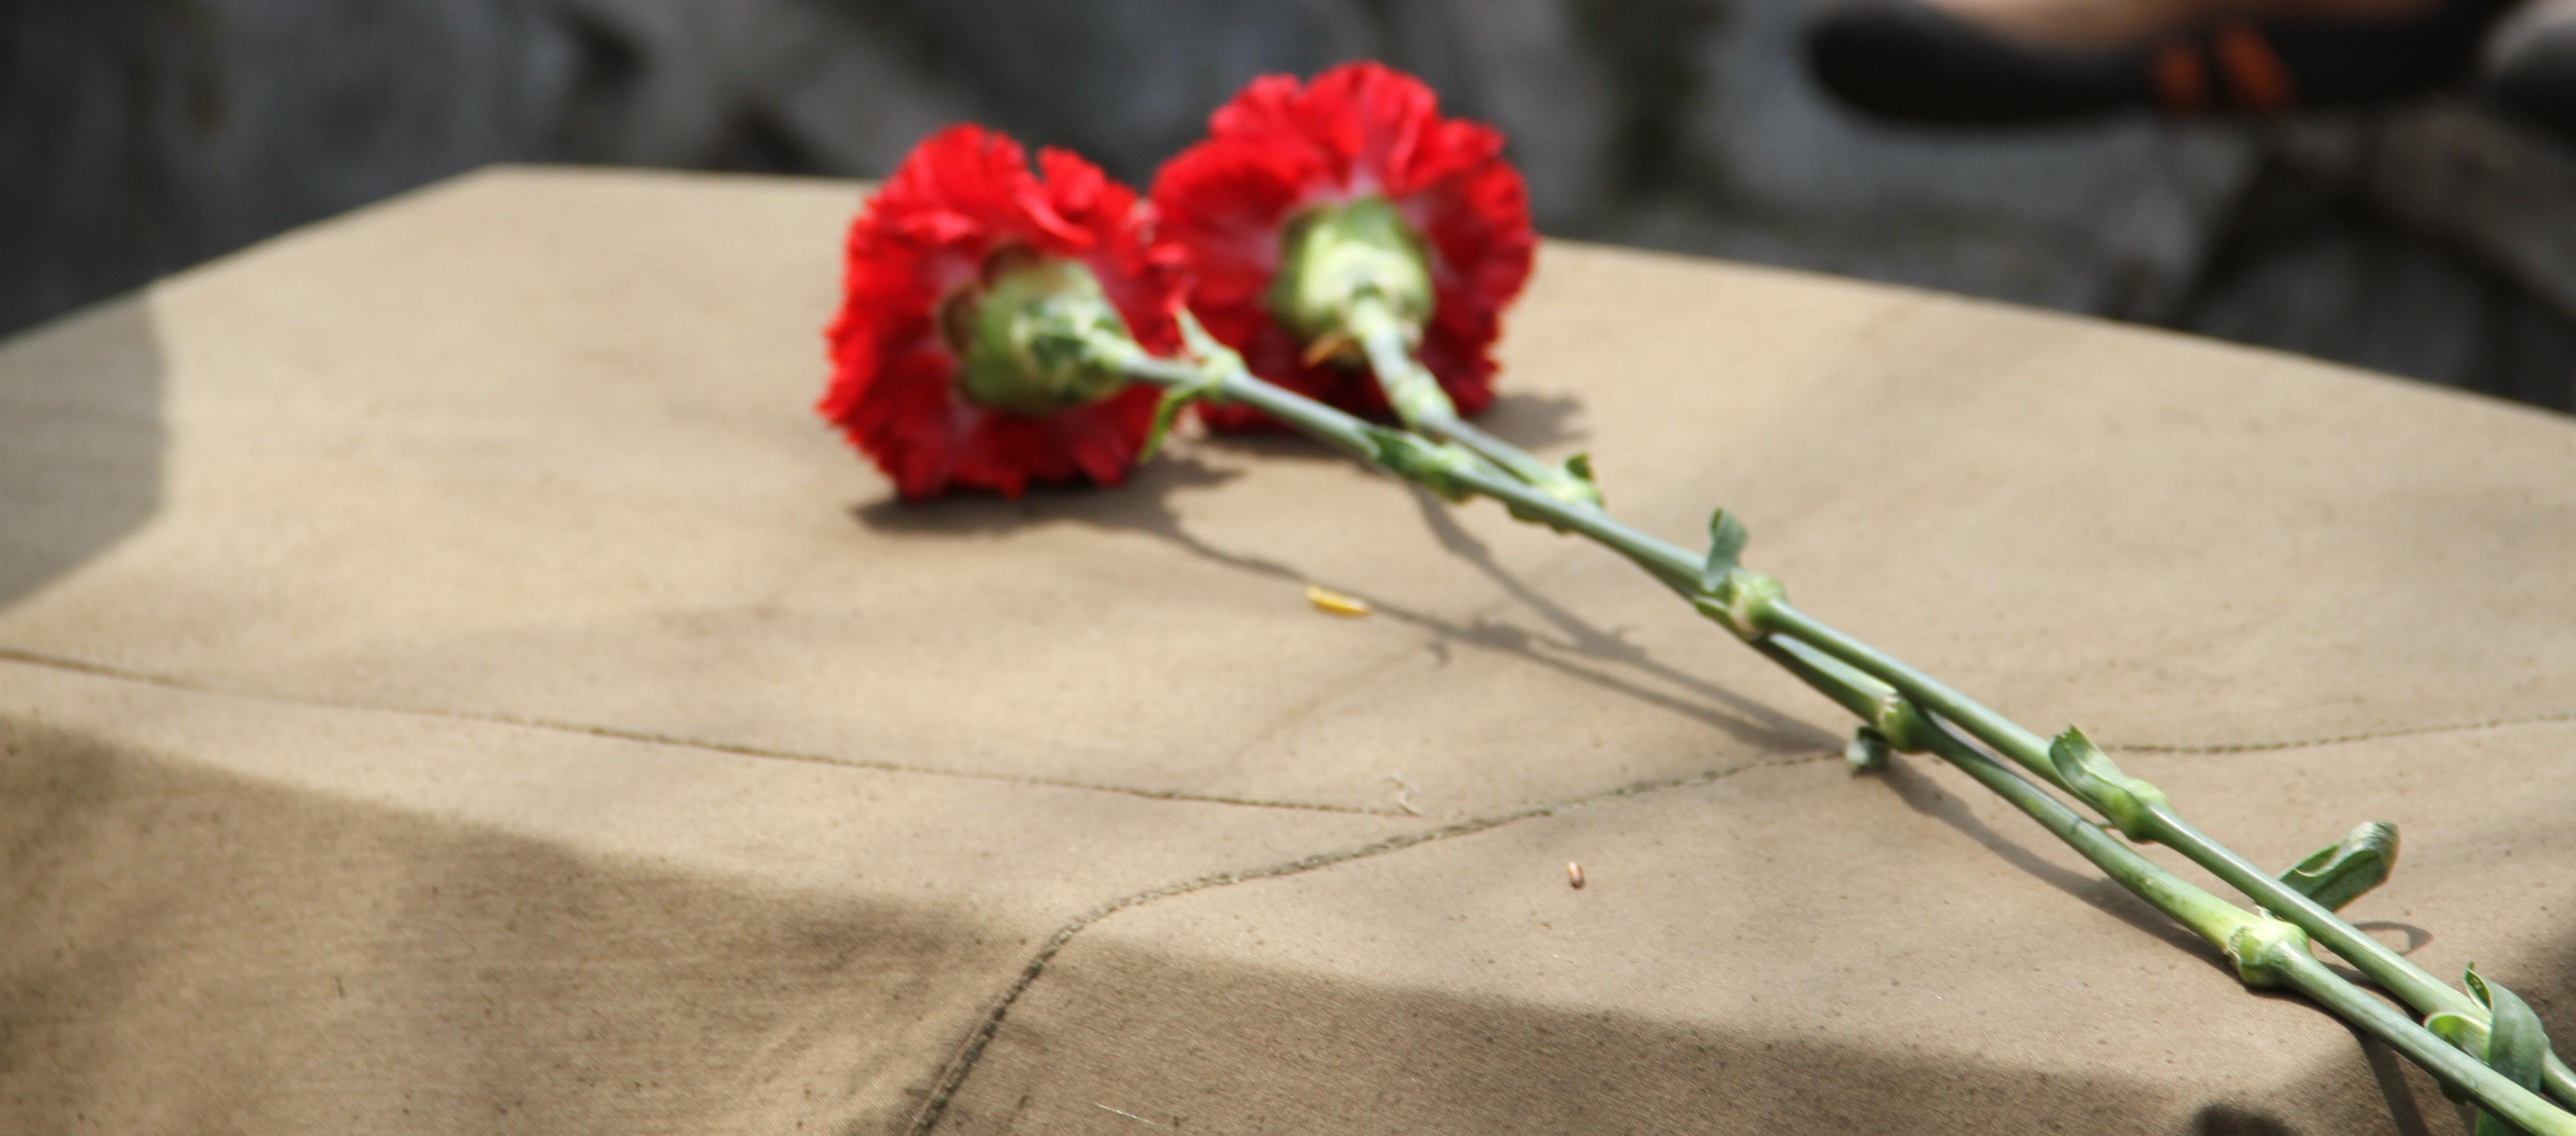 Всероссийская акция «Защитим память героев» подхвачена общественностью